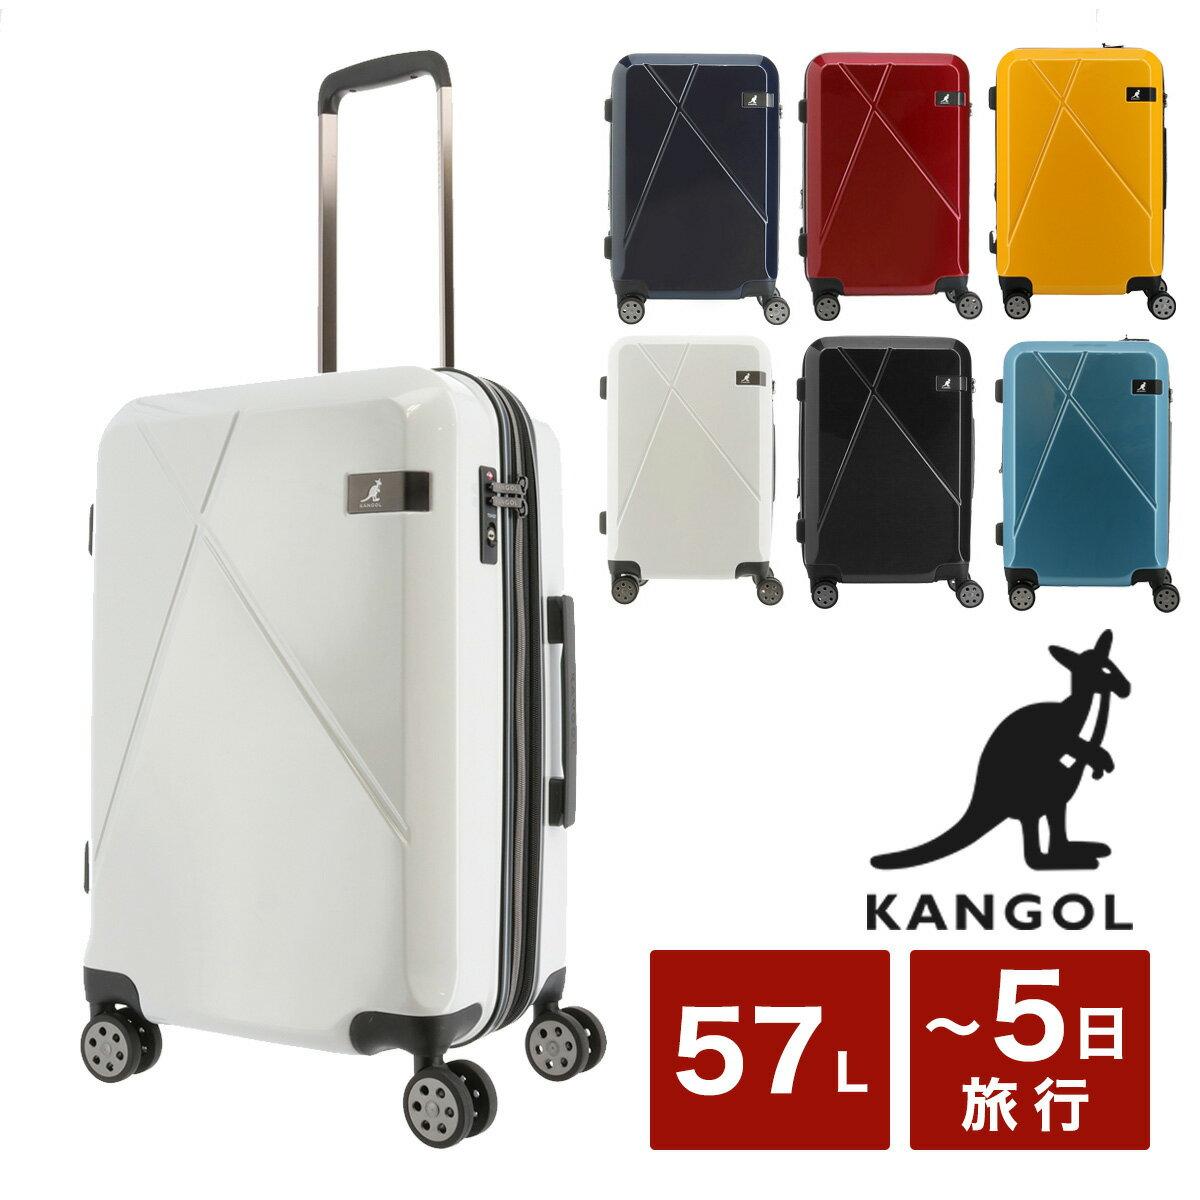 カンゴール スーツケース 拡張|50L/57L 56cm 250-5700|ハード ファスナー TSAロック搭載 おしゃれ キャリーケース [PO10][bef][即日発送]